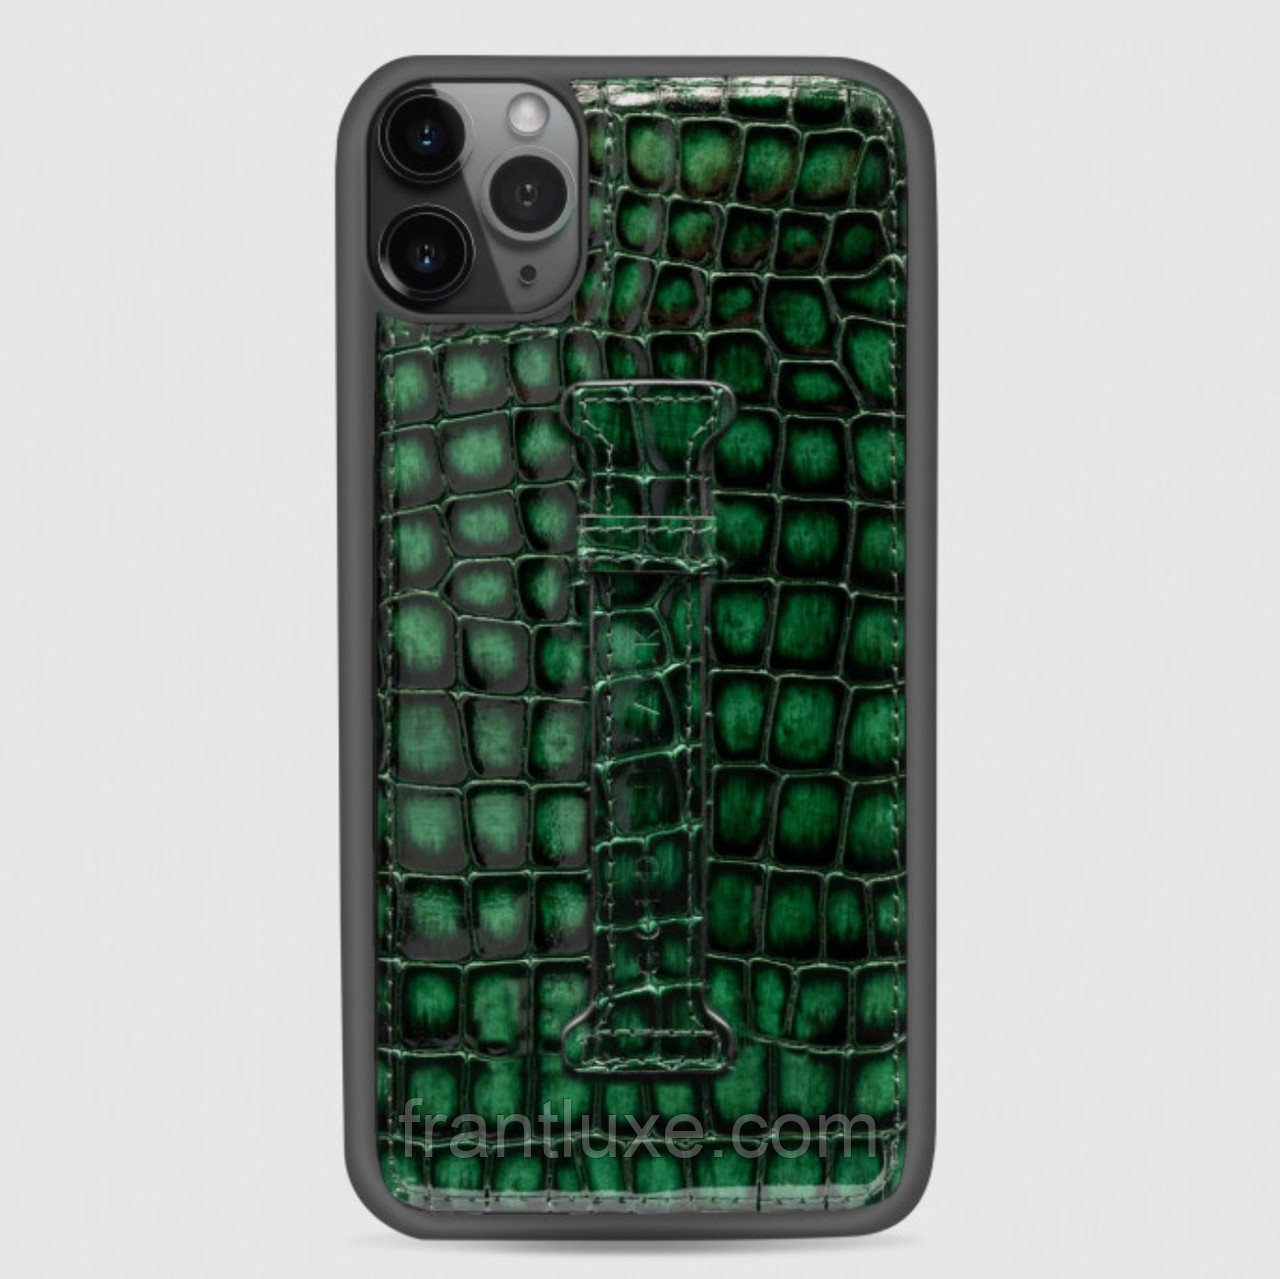 Чехол для телефона iPhone 12 Pro Max с ремешком-держателем зелёный - фото 2